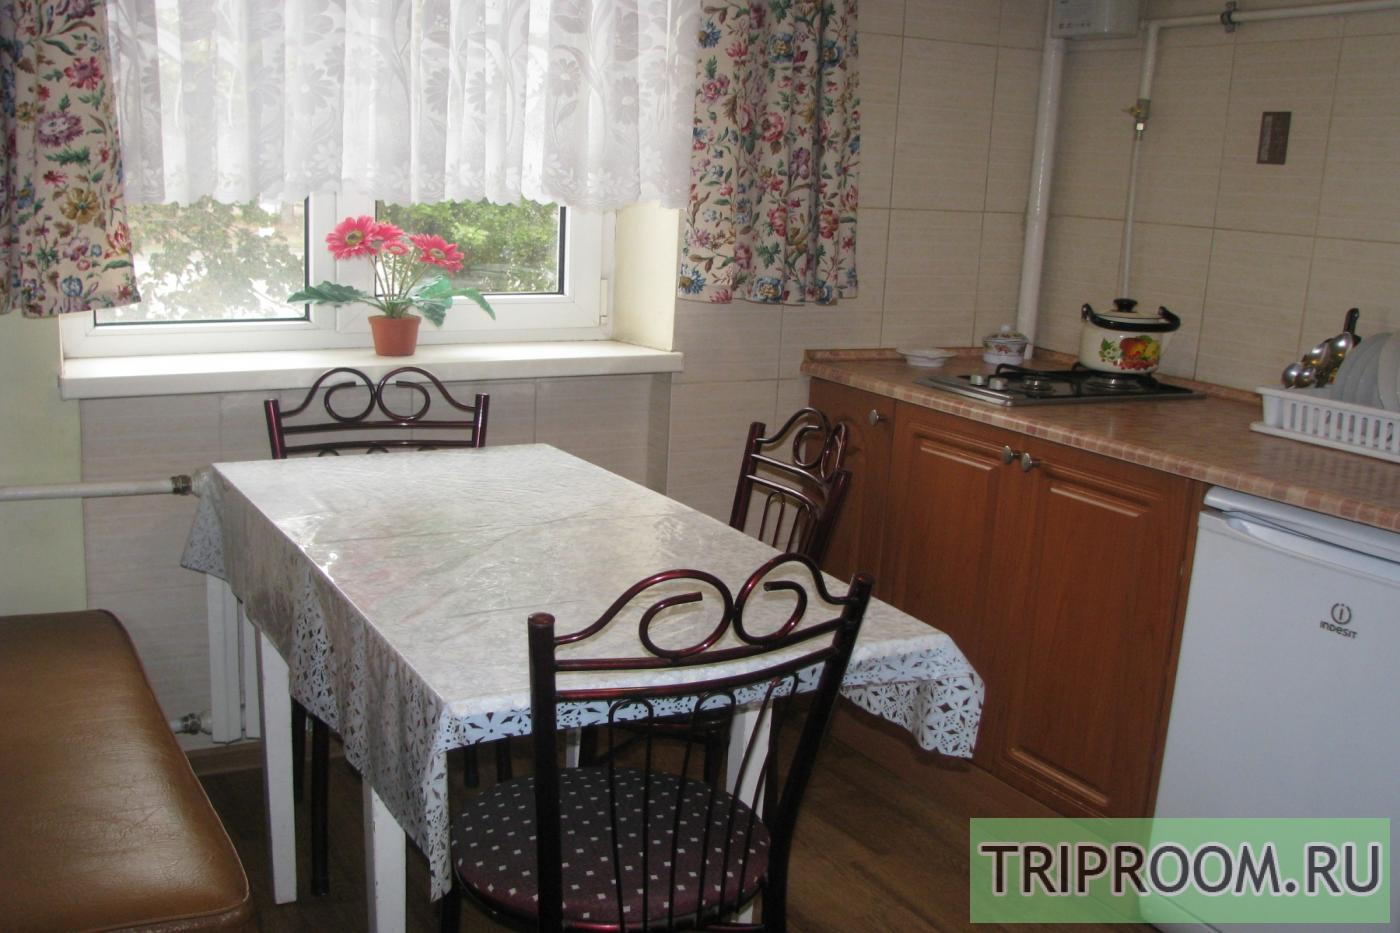 1-комнатная квартира посуточно (вариант № 15423), ул. Генерала Острякова проспект, фото № 4